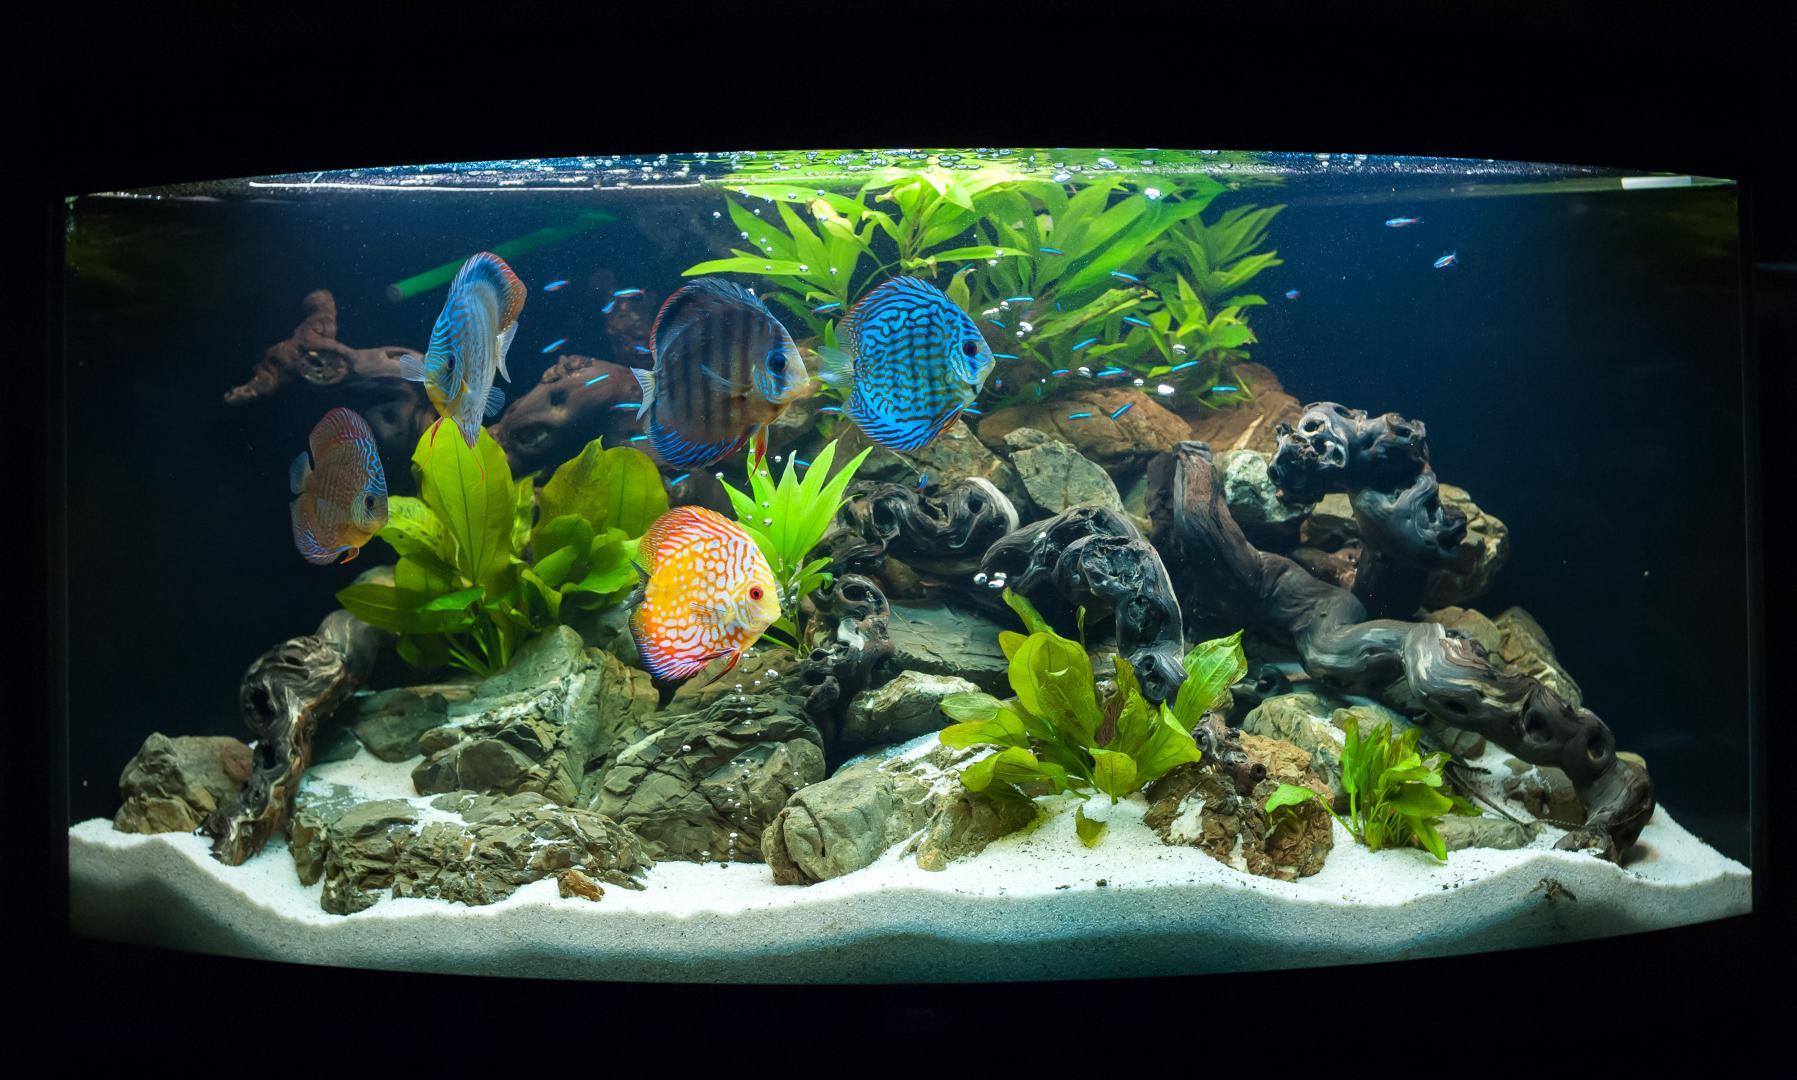 Aquarium eau douce granby saint jean sur richelieu for Poisson aquarium douce